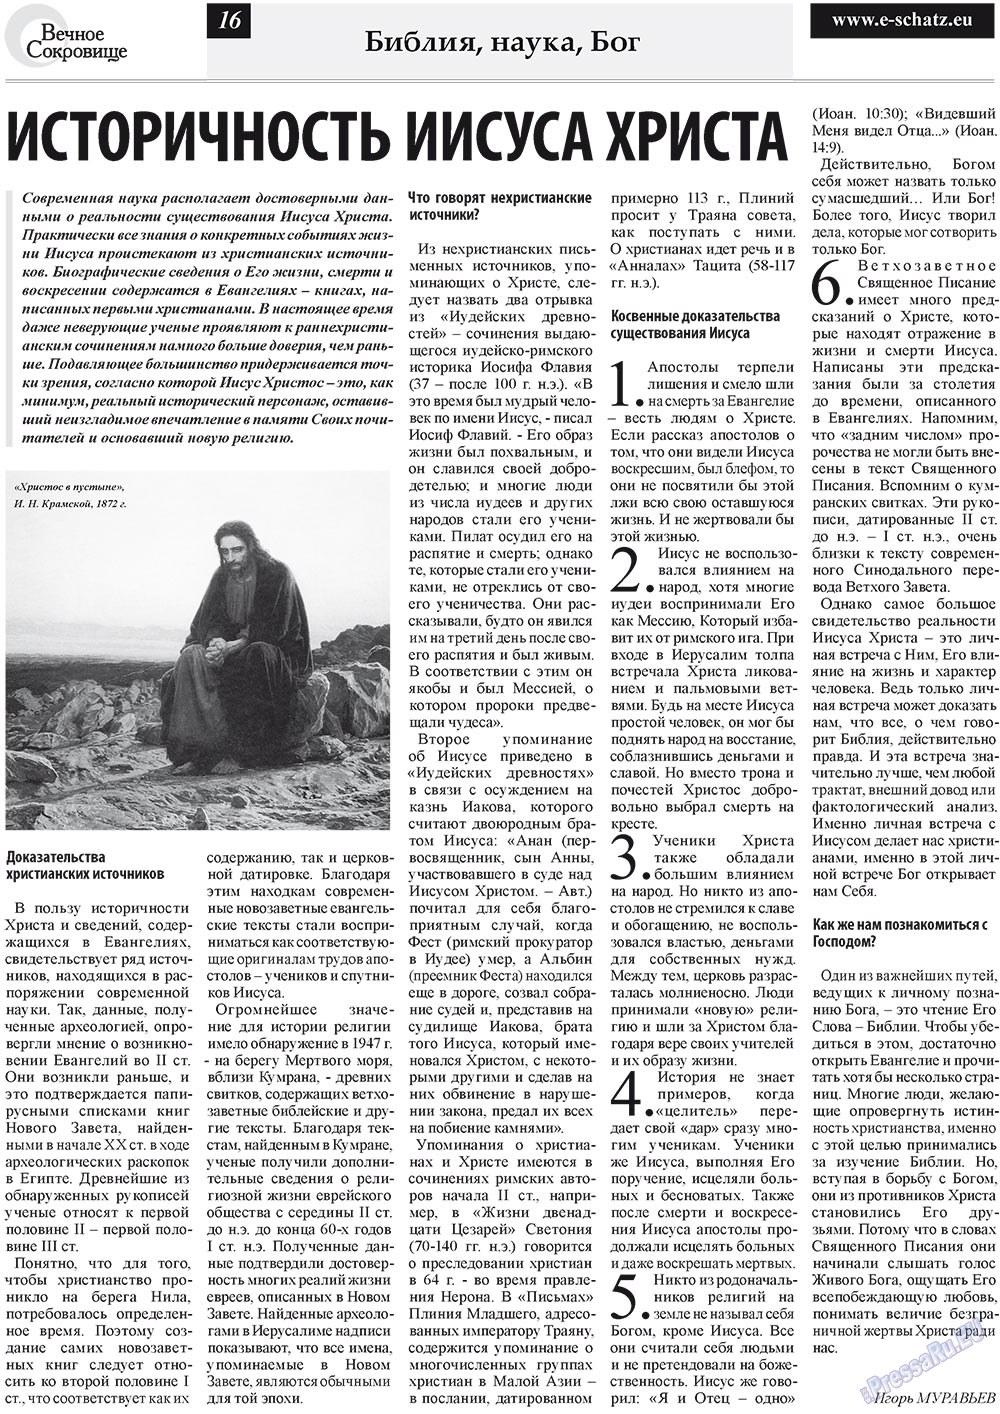 Вечное сокровище (газета). 2011 год, номер 3, стр. 16